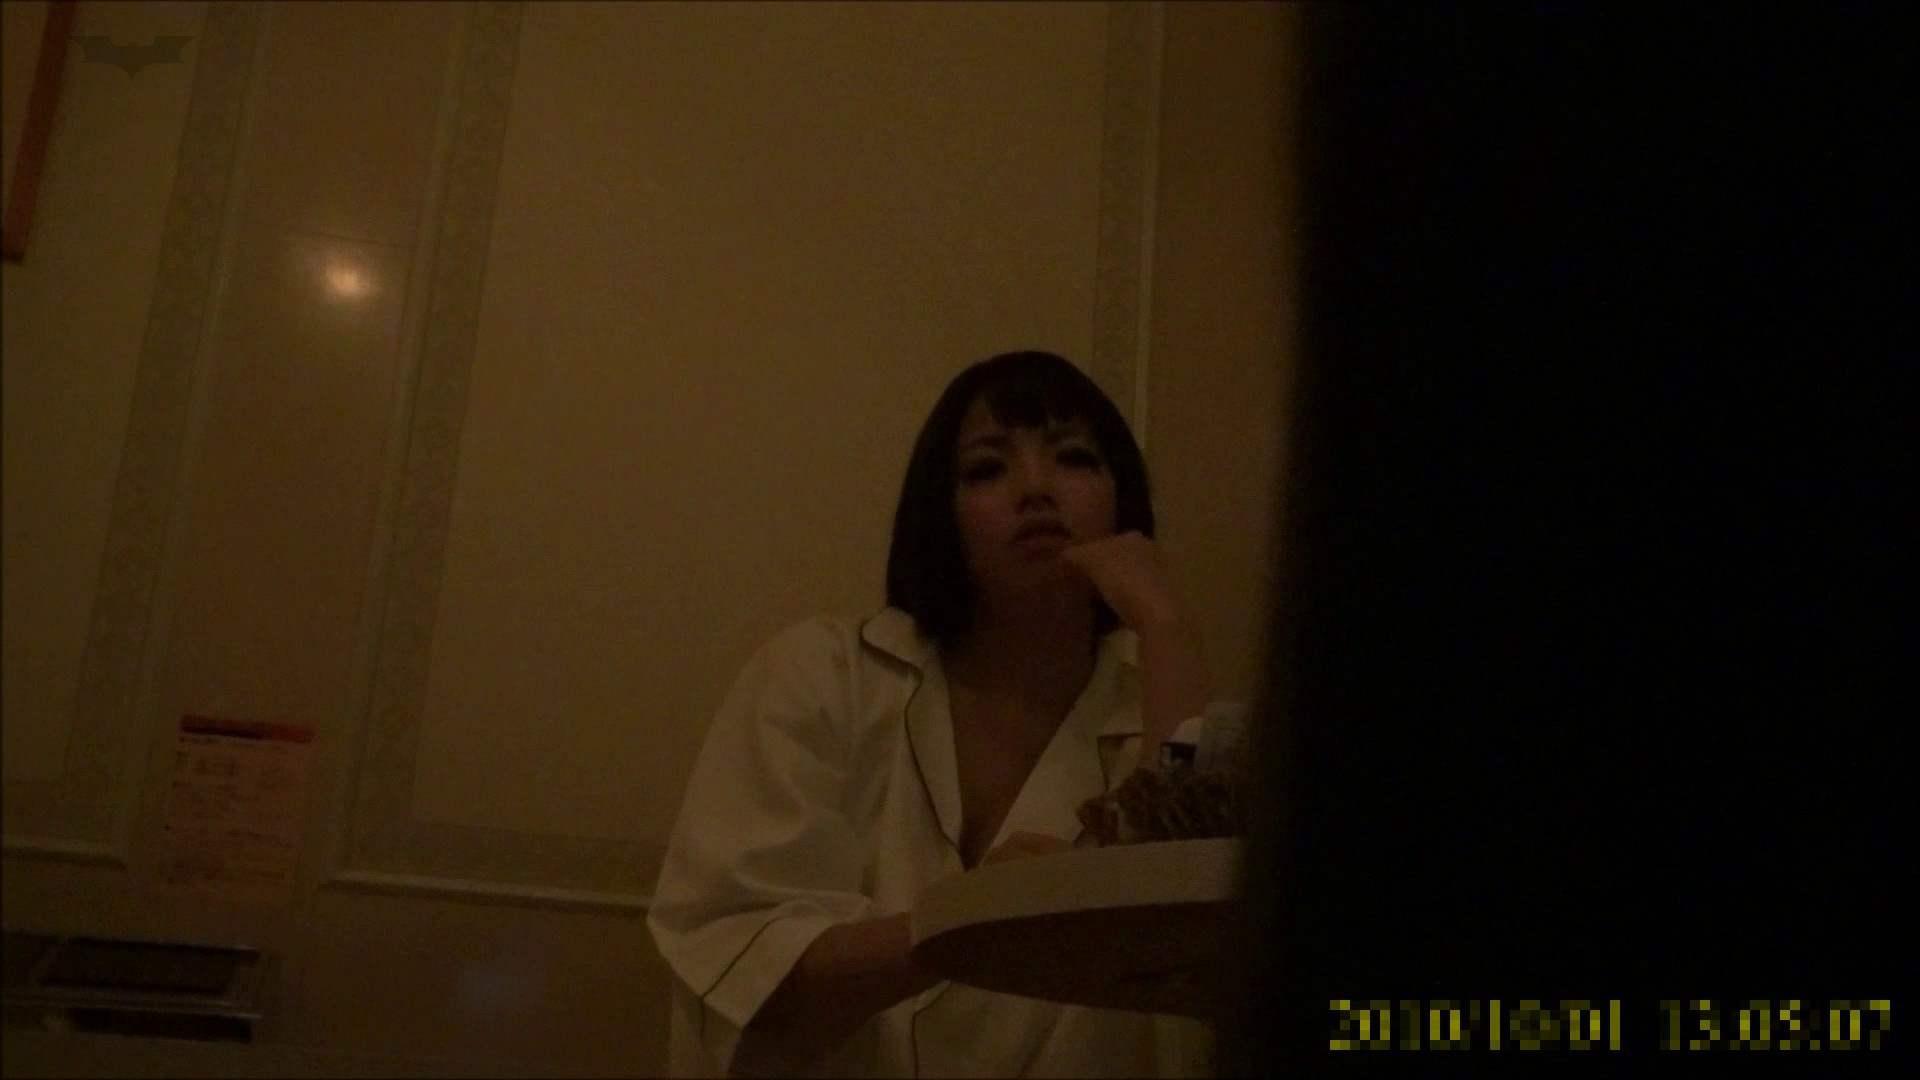 【未公開】vol.96 {茶髪→黒髪ギャル}美巨乳アミちゃん③【前編】 むっちりガール ヌード画像 79枚 18